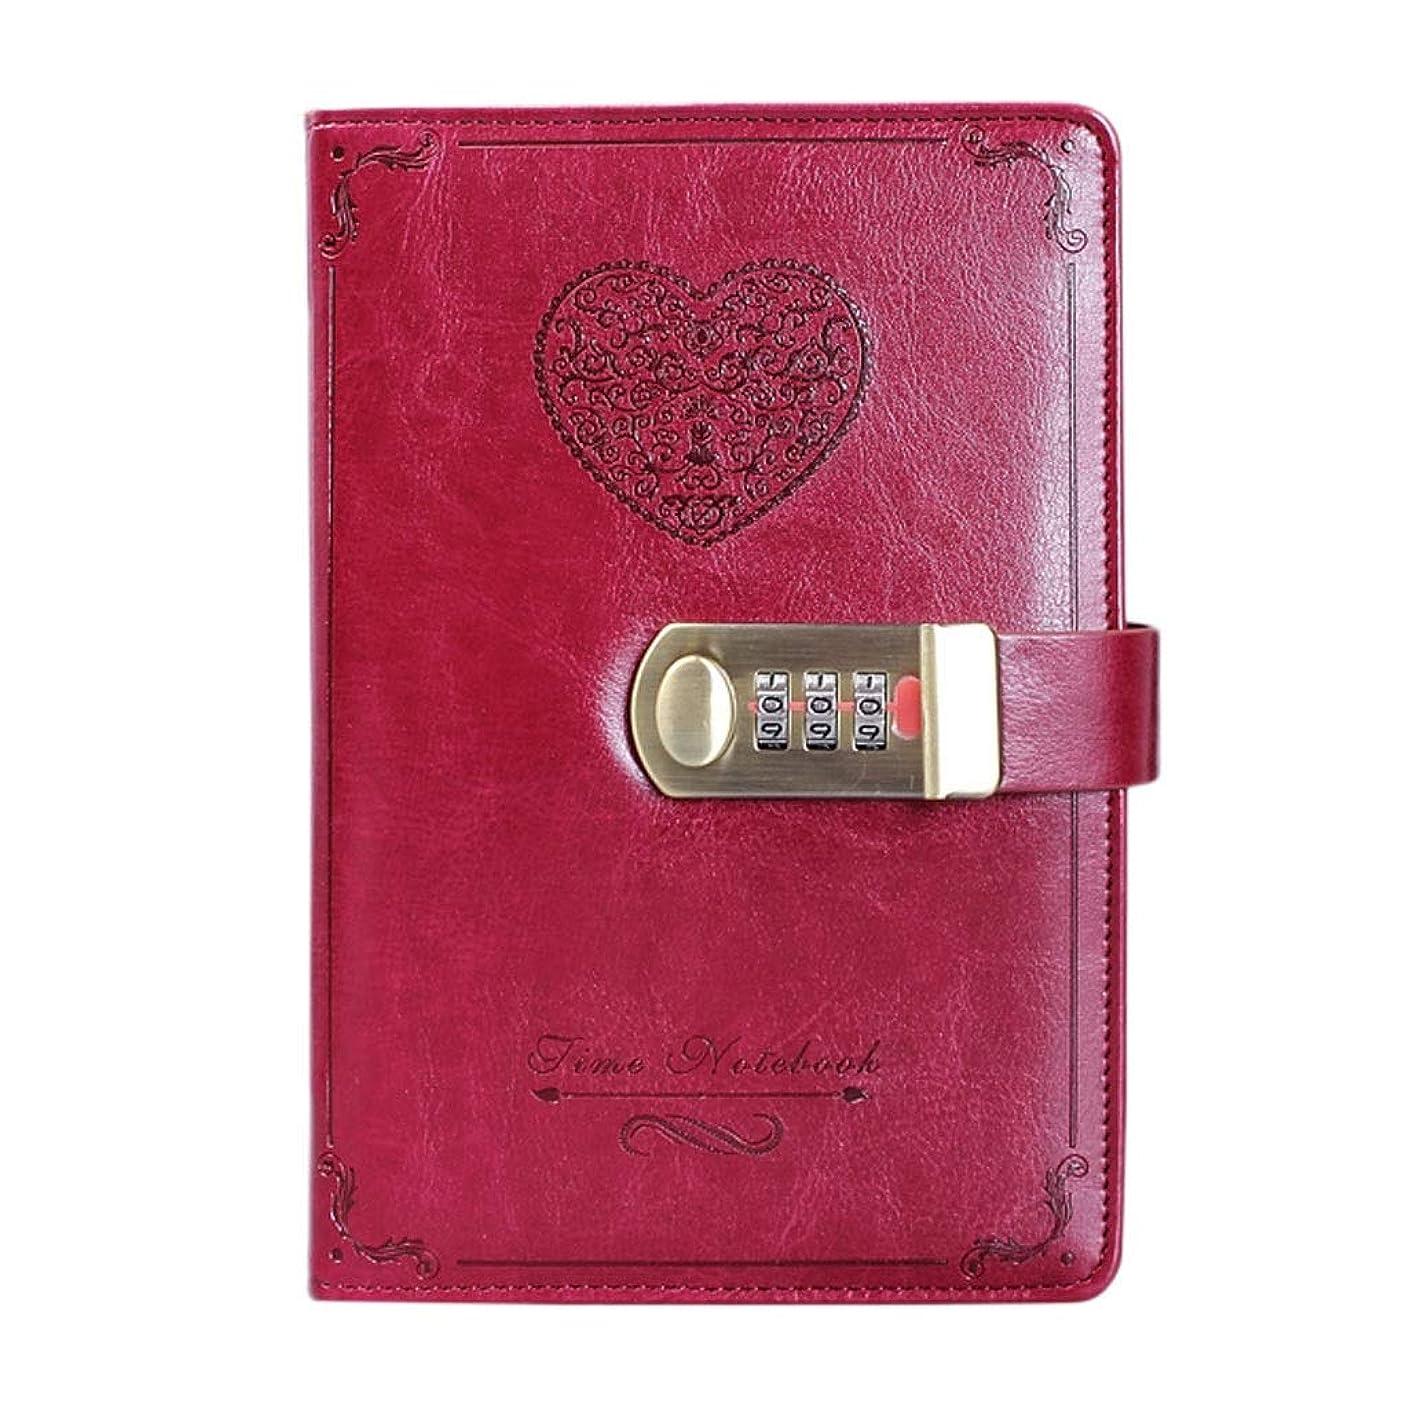 哲学行き当たりばったり中性PUレザーノートブック - 女の子かわいいパスワードロック日記青少年旅行スケッチ、学生メモ、B6スモールブック/レコードブック/ピンク/レッド (Color : Red)